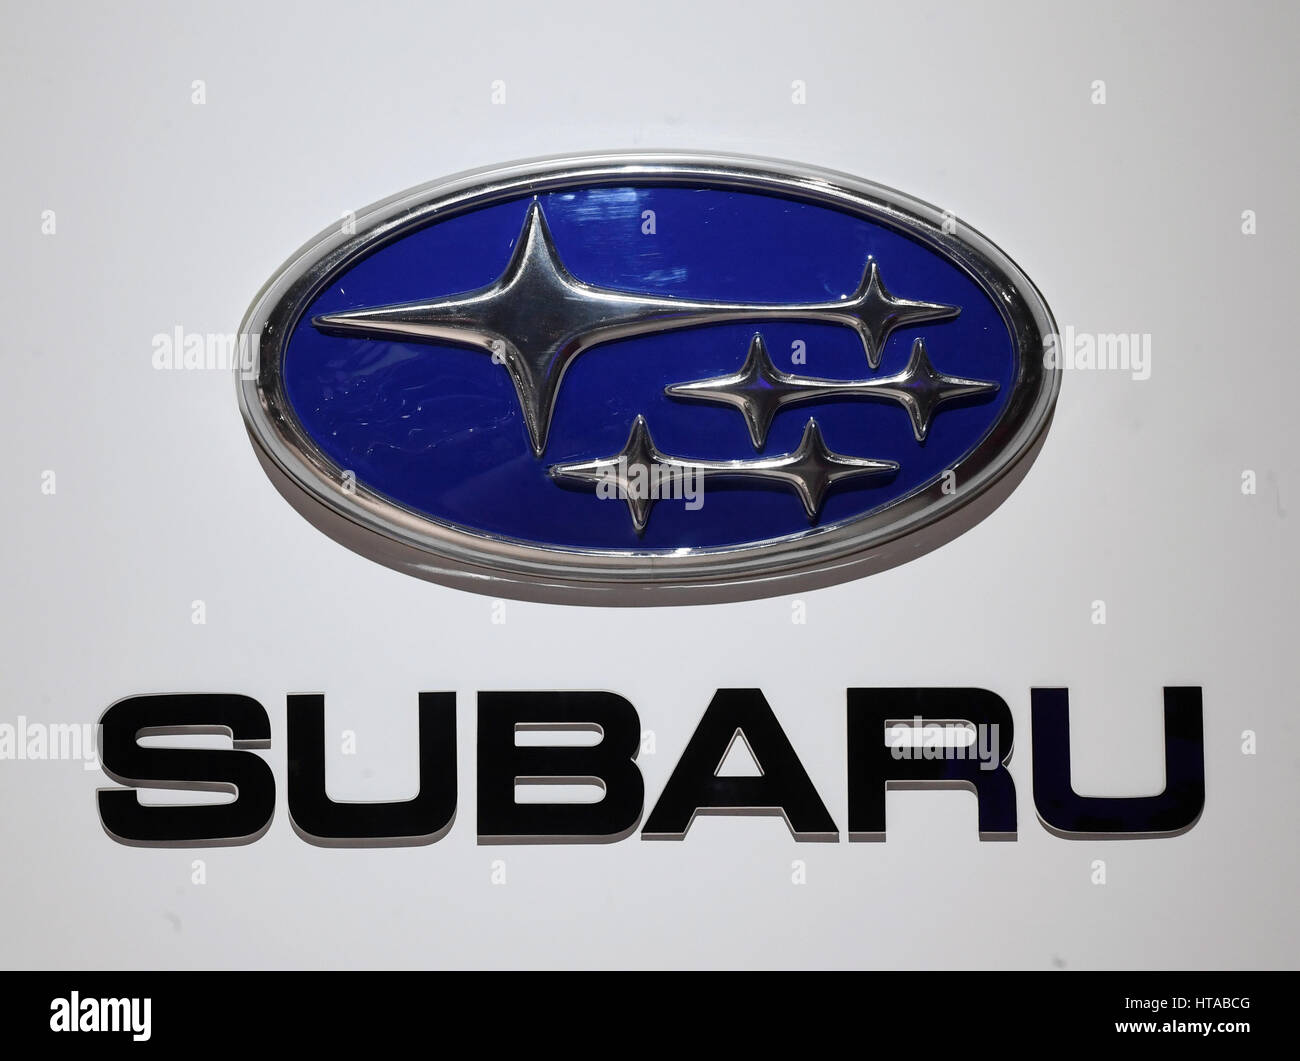 Subaru 2017 Stock Photos Subaru 2017 Stock Images Alamy